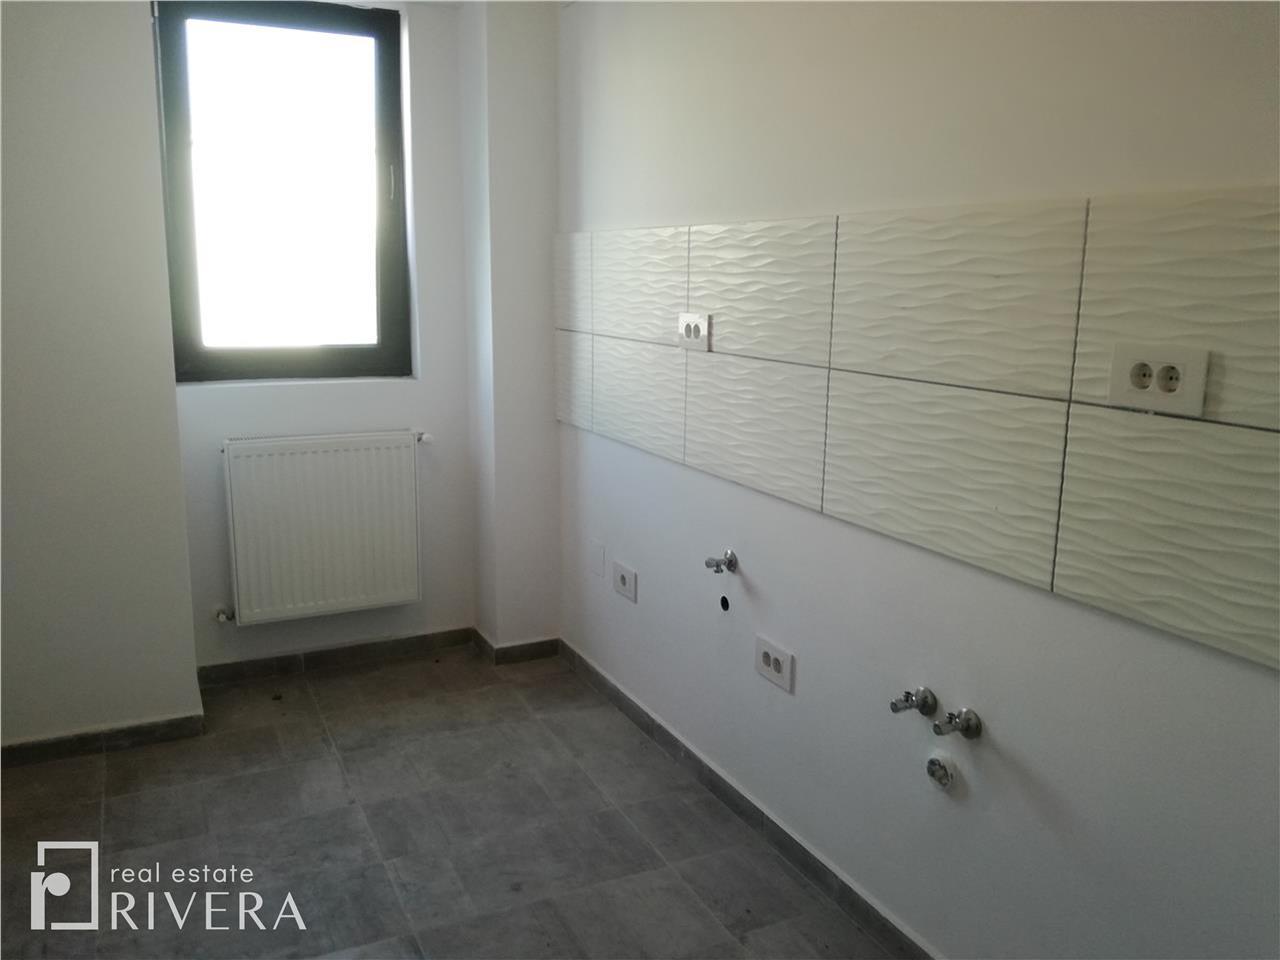 Apartament 1 camera   Baza 3   Finalizat   Langa mijloc de transport